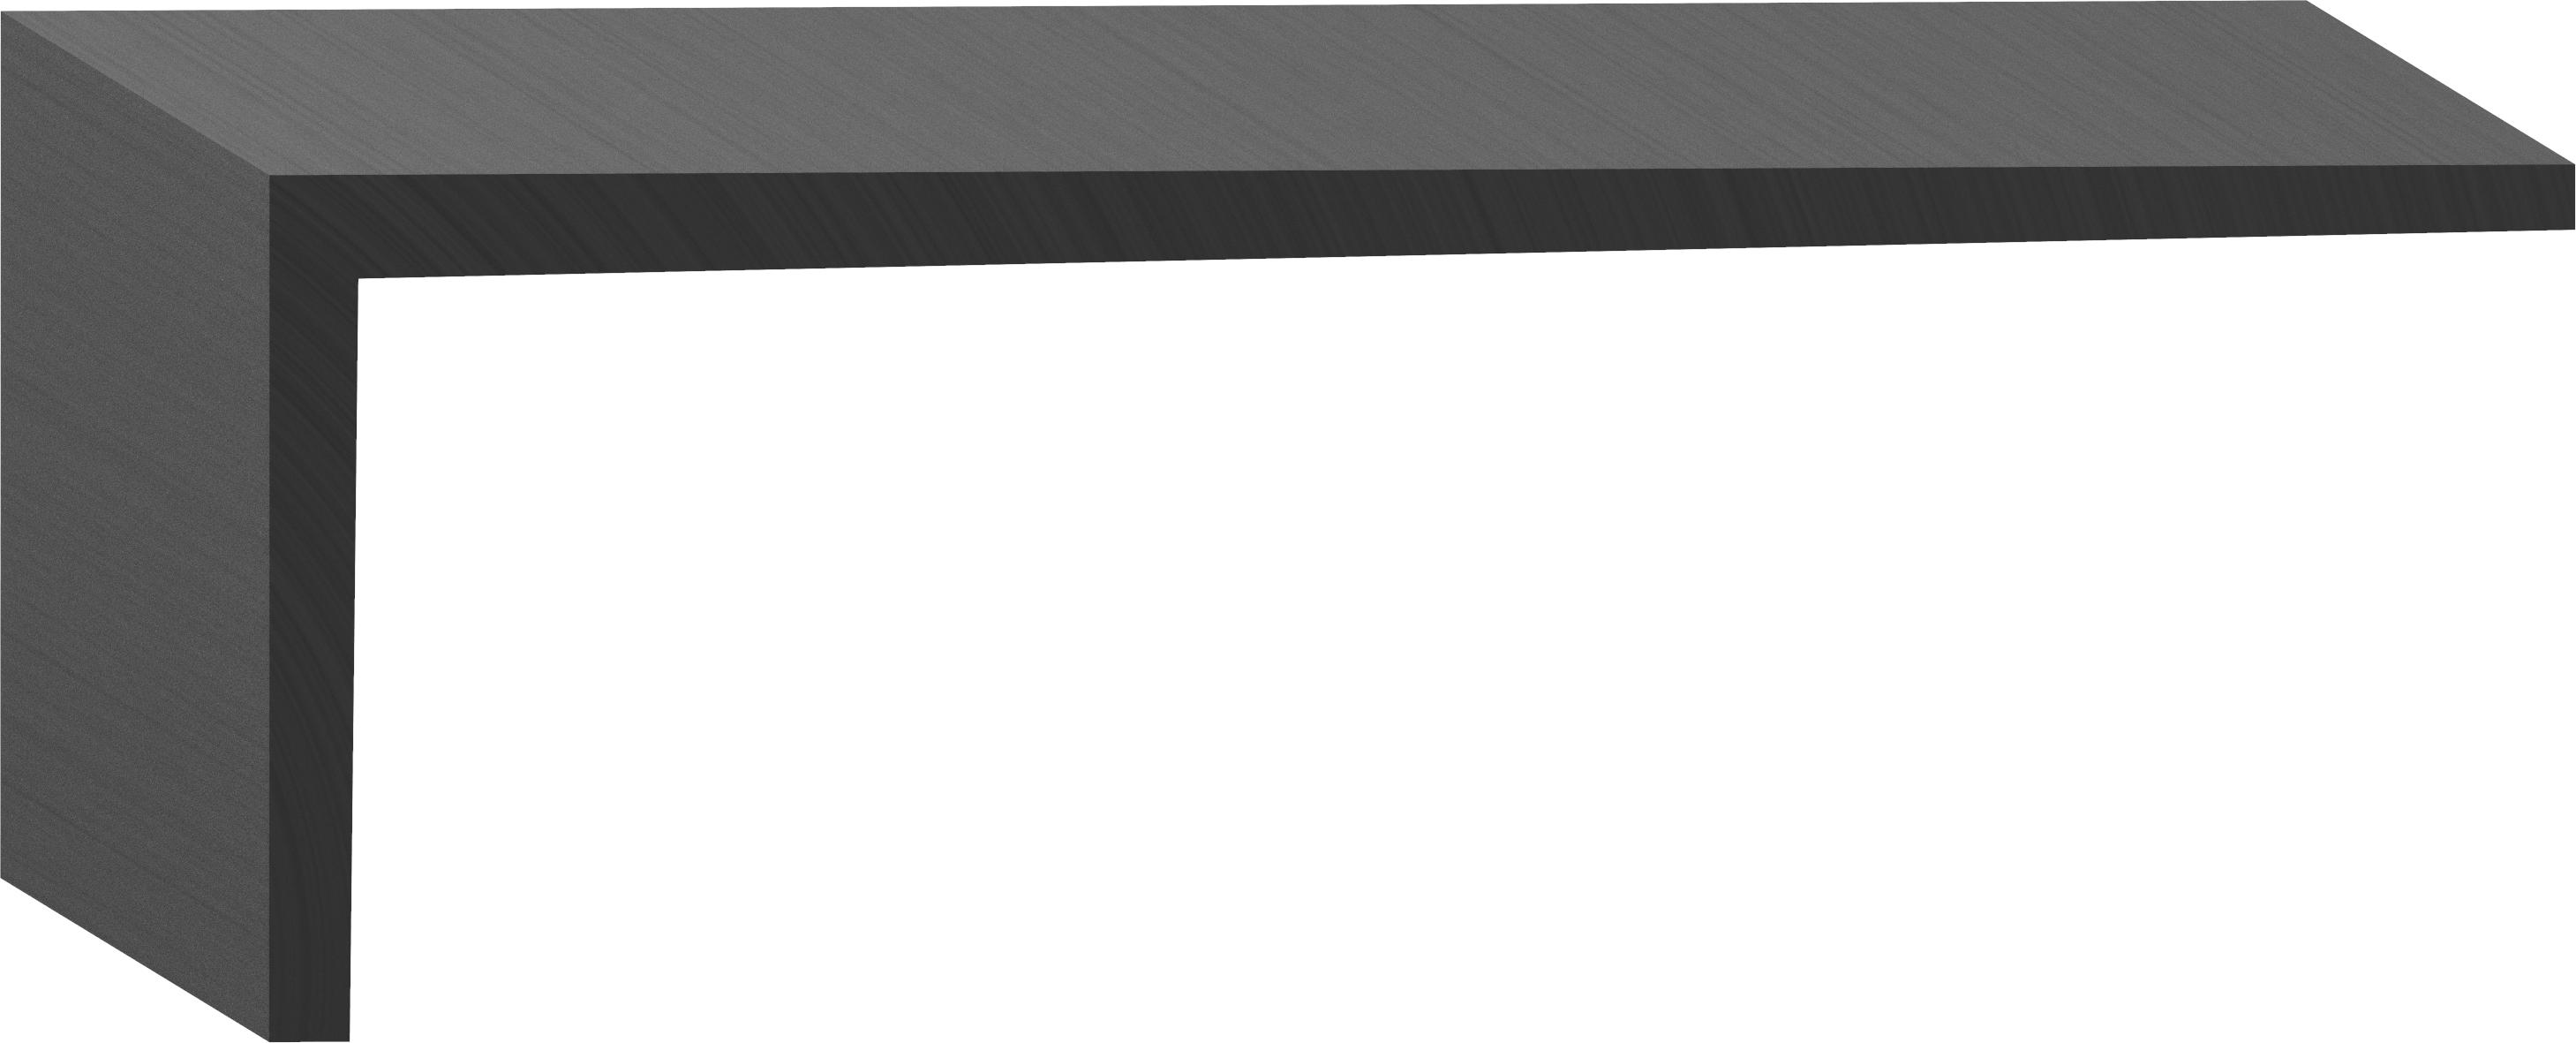 Uni-Grip part: SD-338